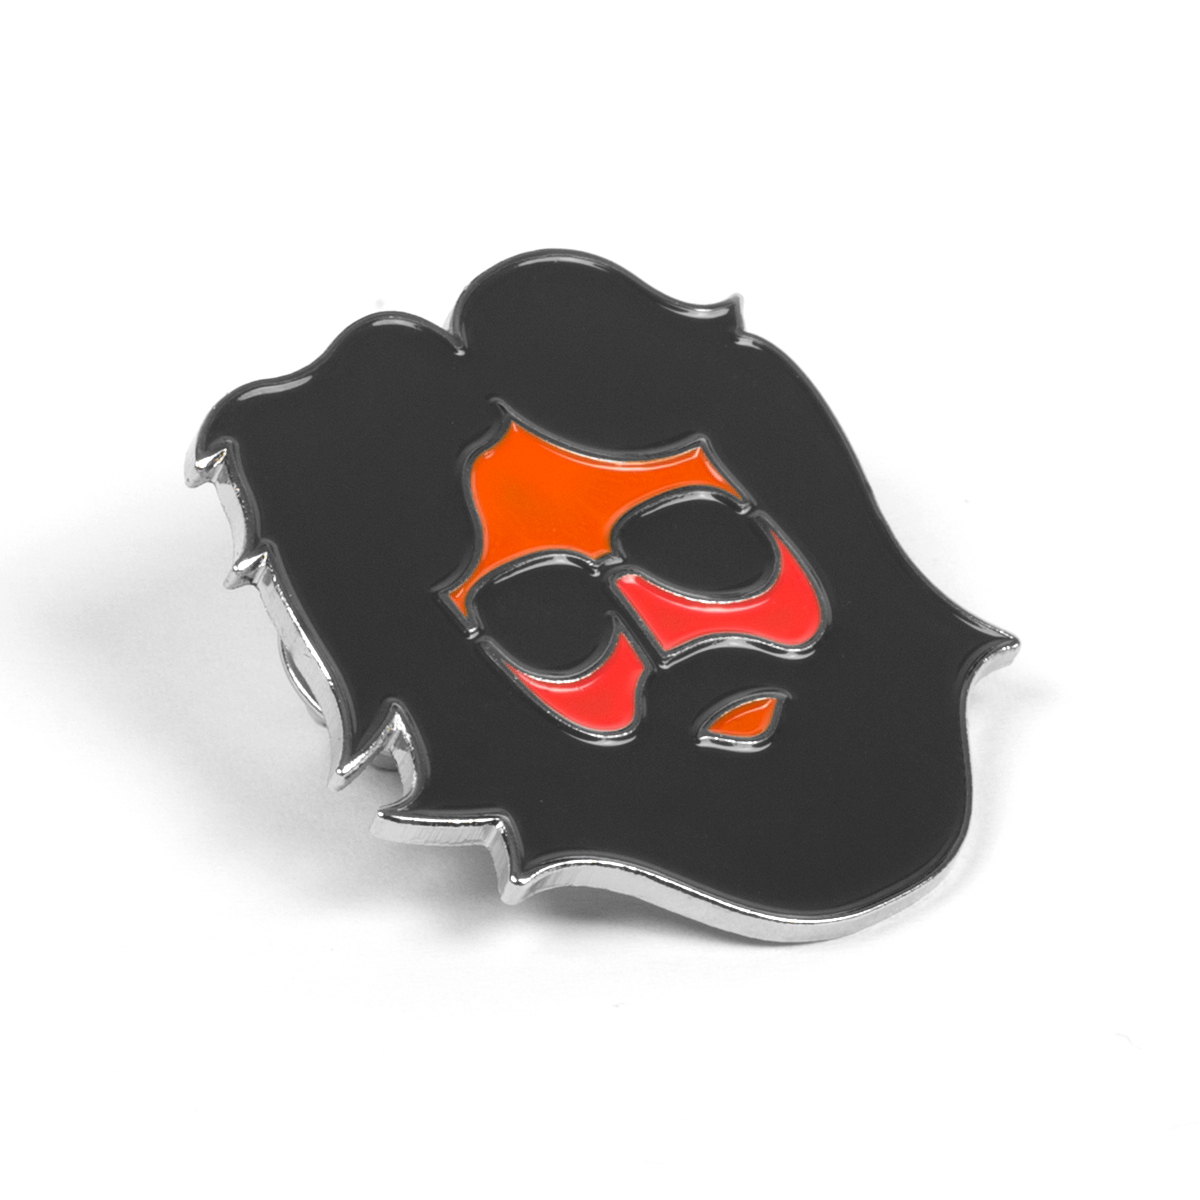 Keystone Garcia Limited Edition Pin